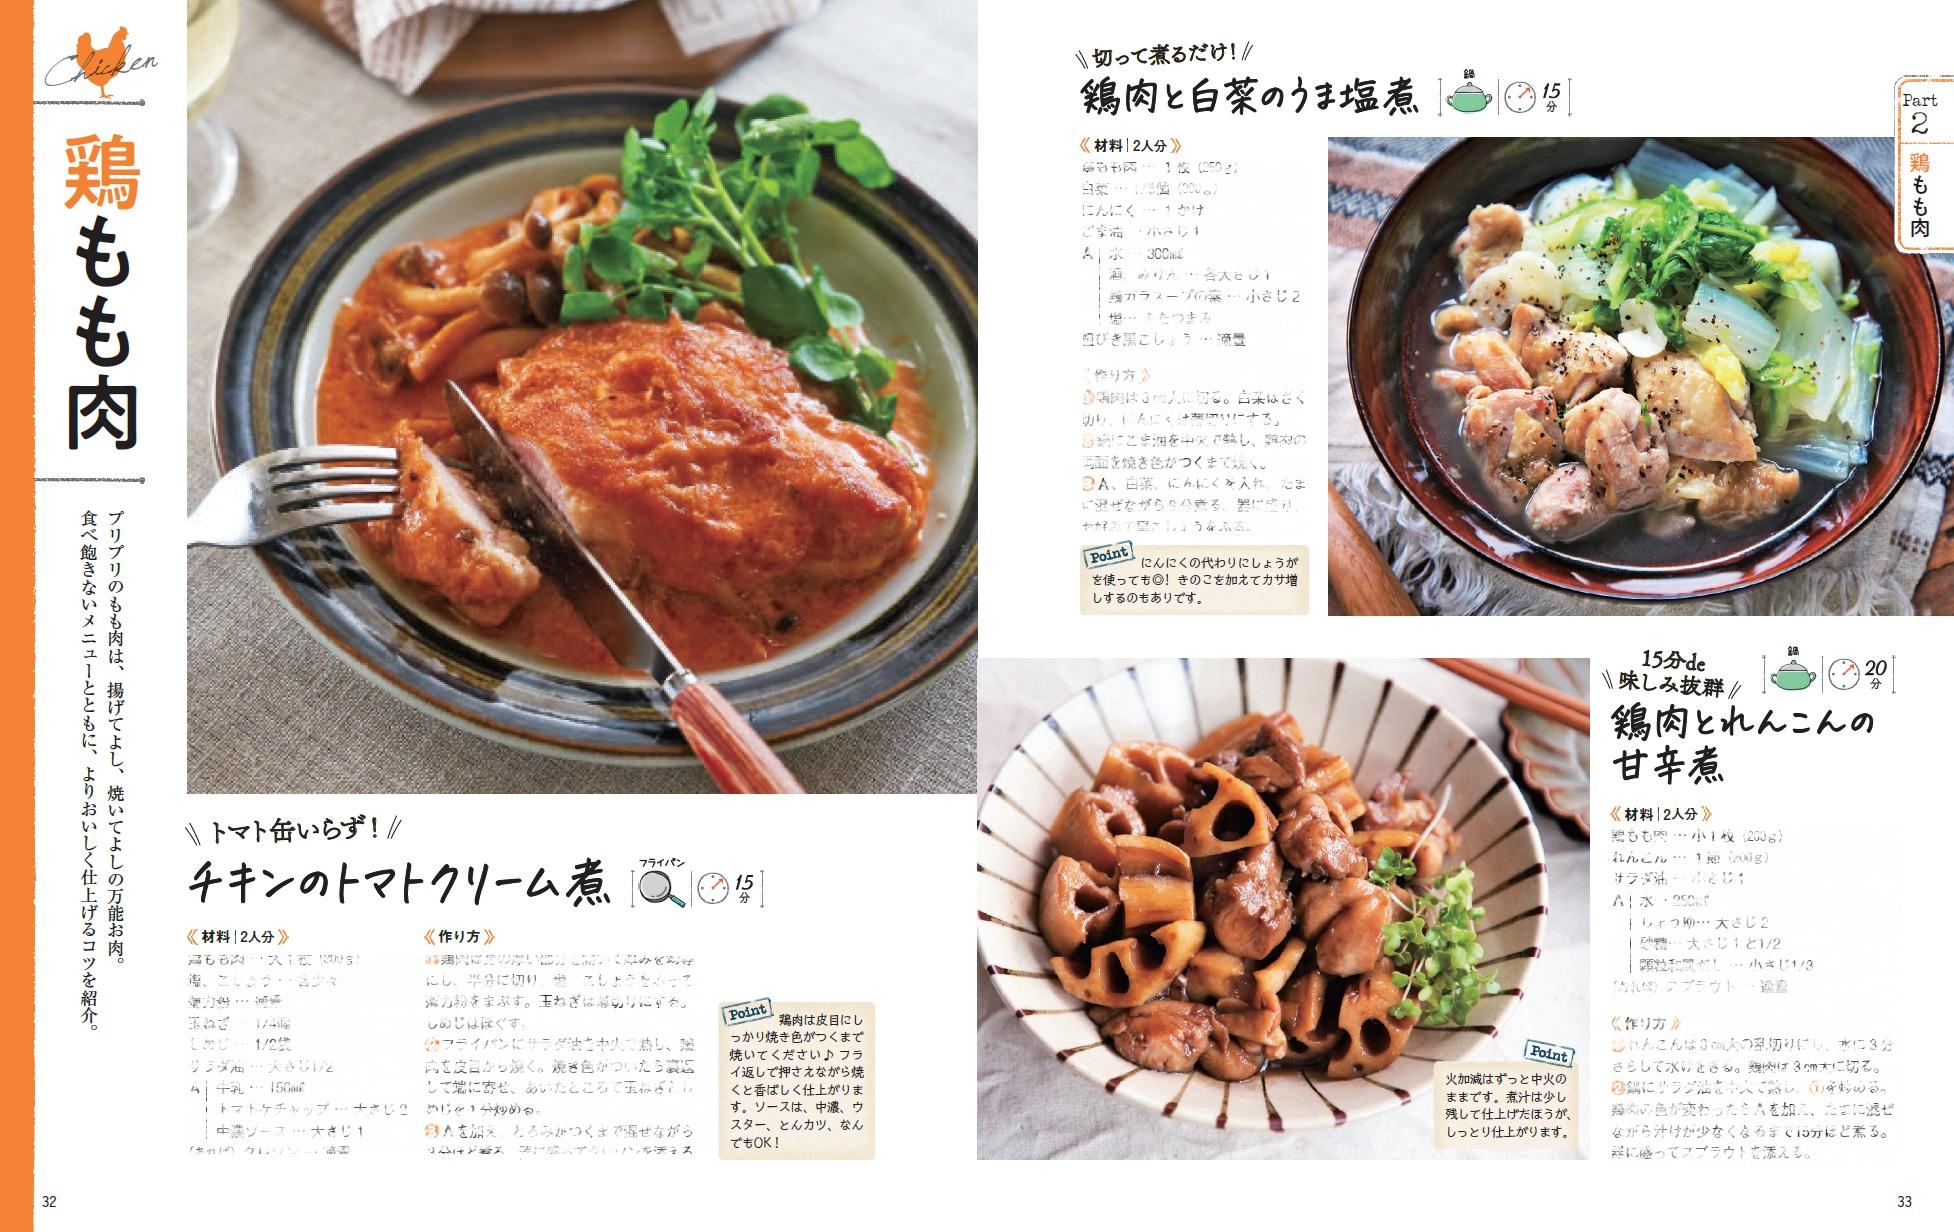 「鶏もも肉のレシピ」紙面